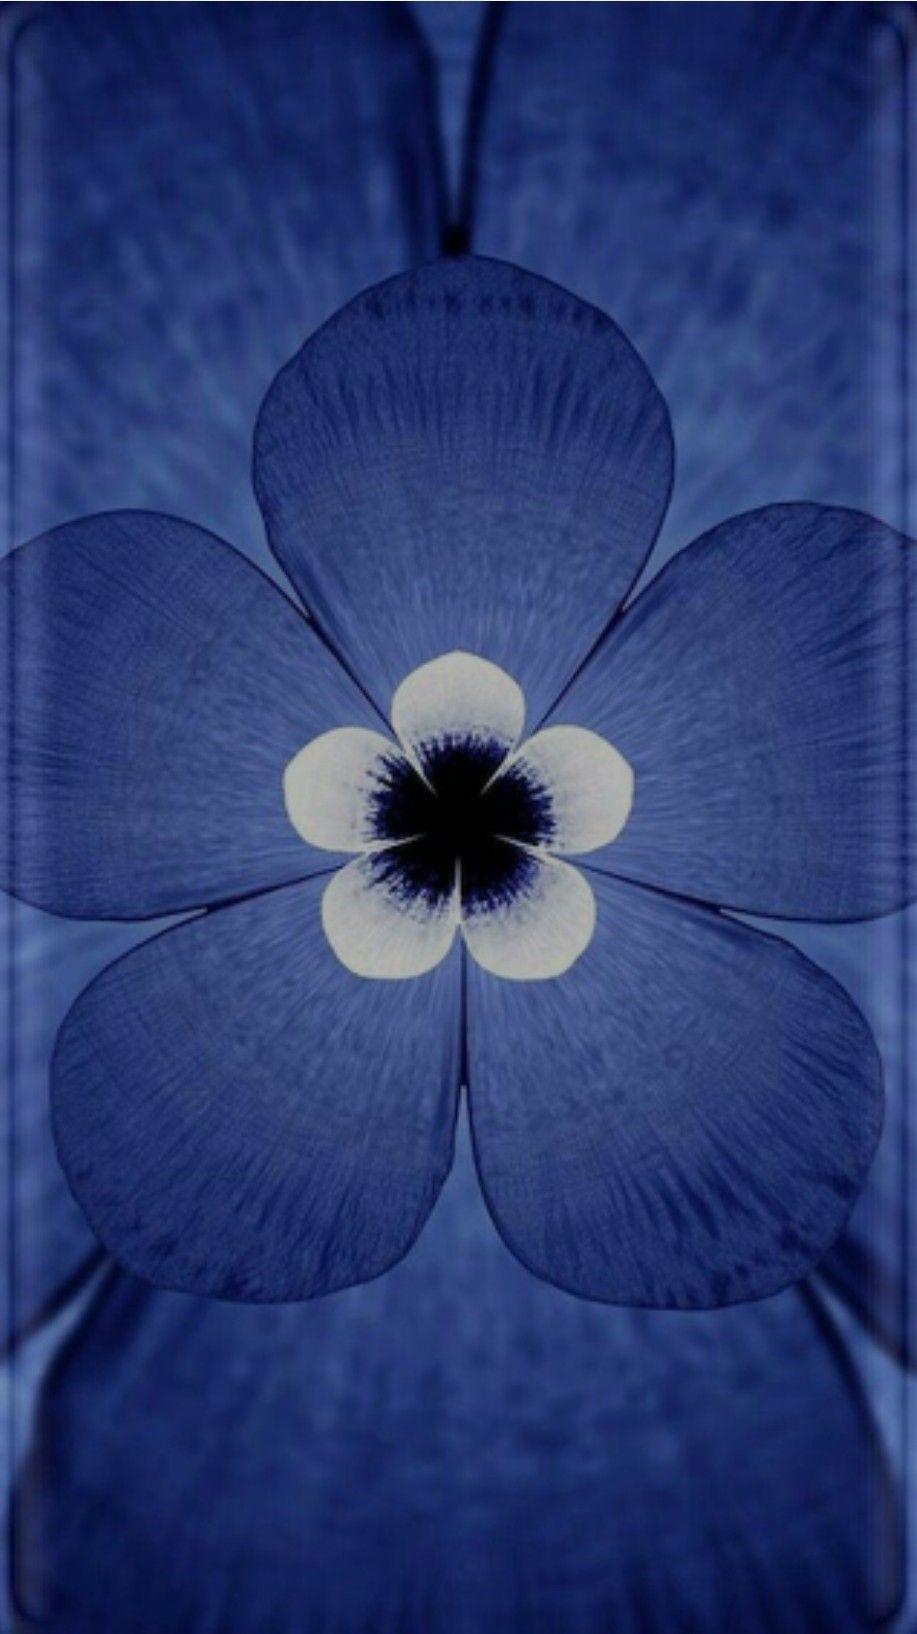 Blue Flower Wallpaper Pink And Flowers Wallpaper Wallpaper